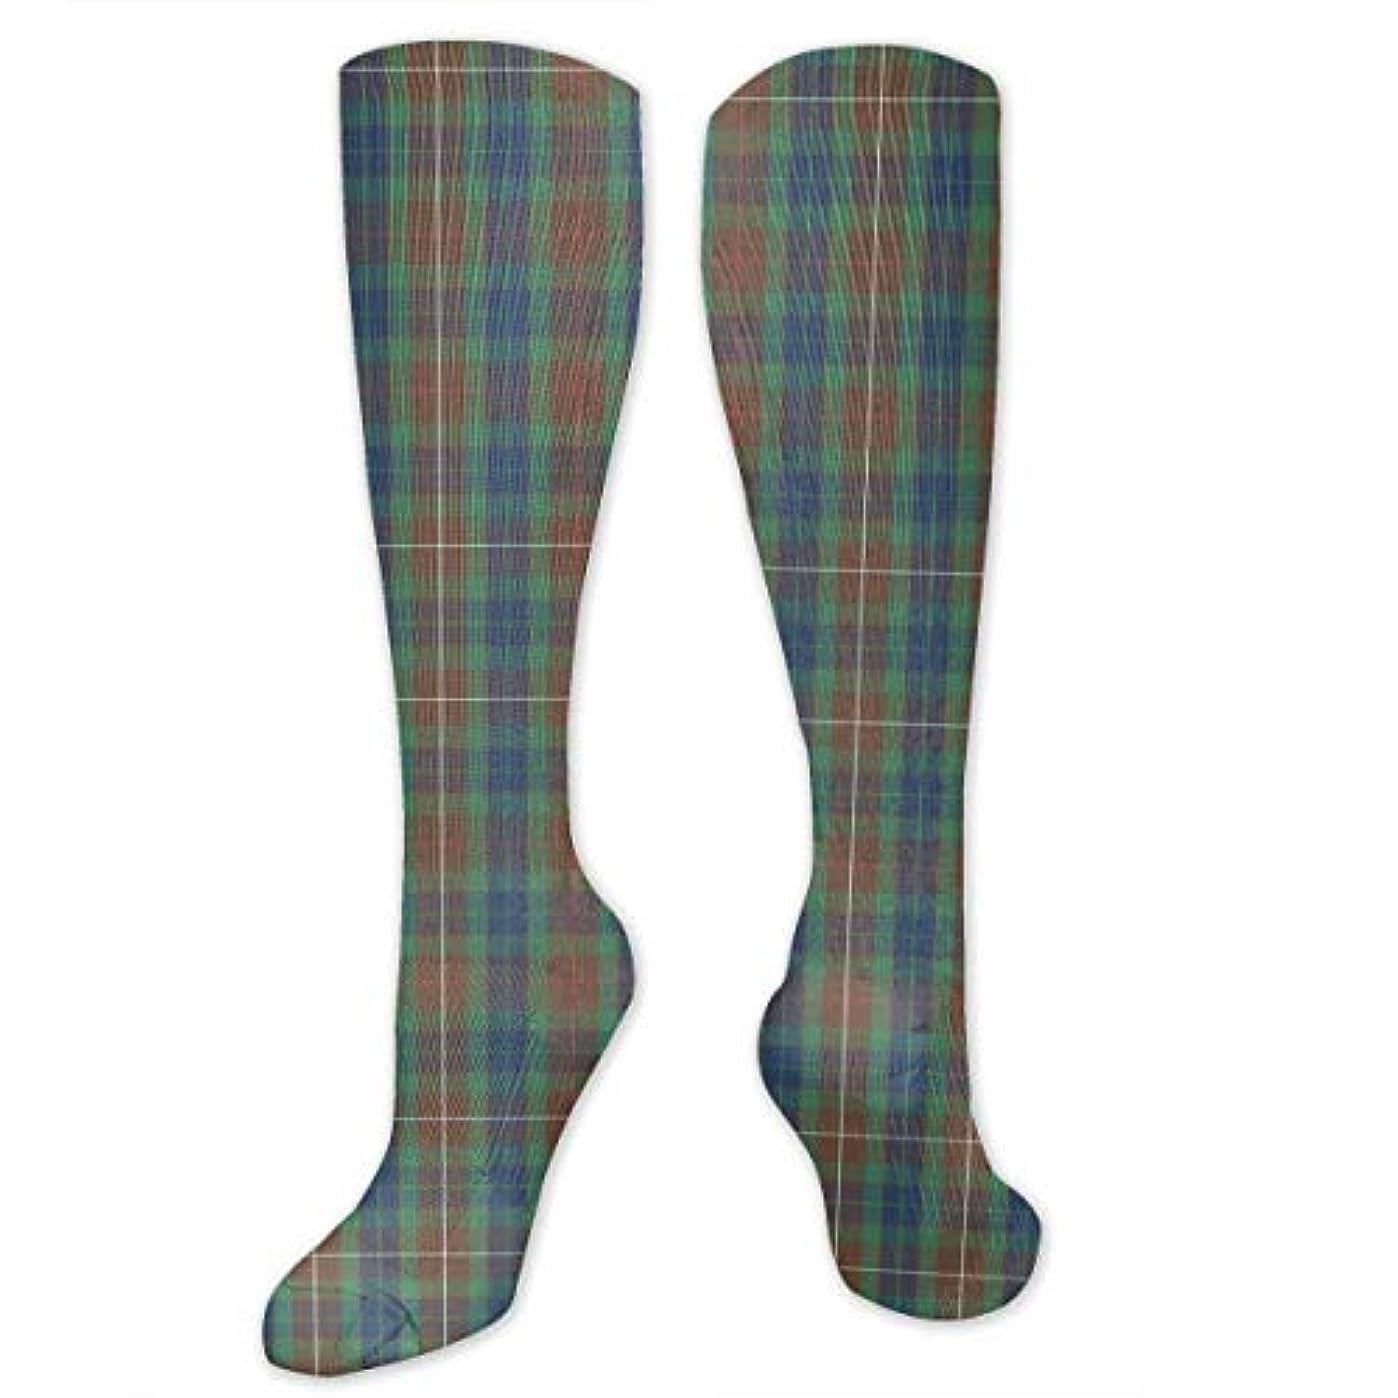 九コンチネンタル郵便物靴下,ストッキング,野生のジョーカー,実際,秋の本質,冬必須,サマーウェア&RBXAA Fraser Modern Hunting Tartan Socks Women's Winter Cotton Long Tube...